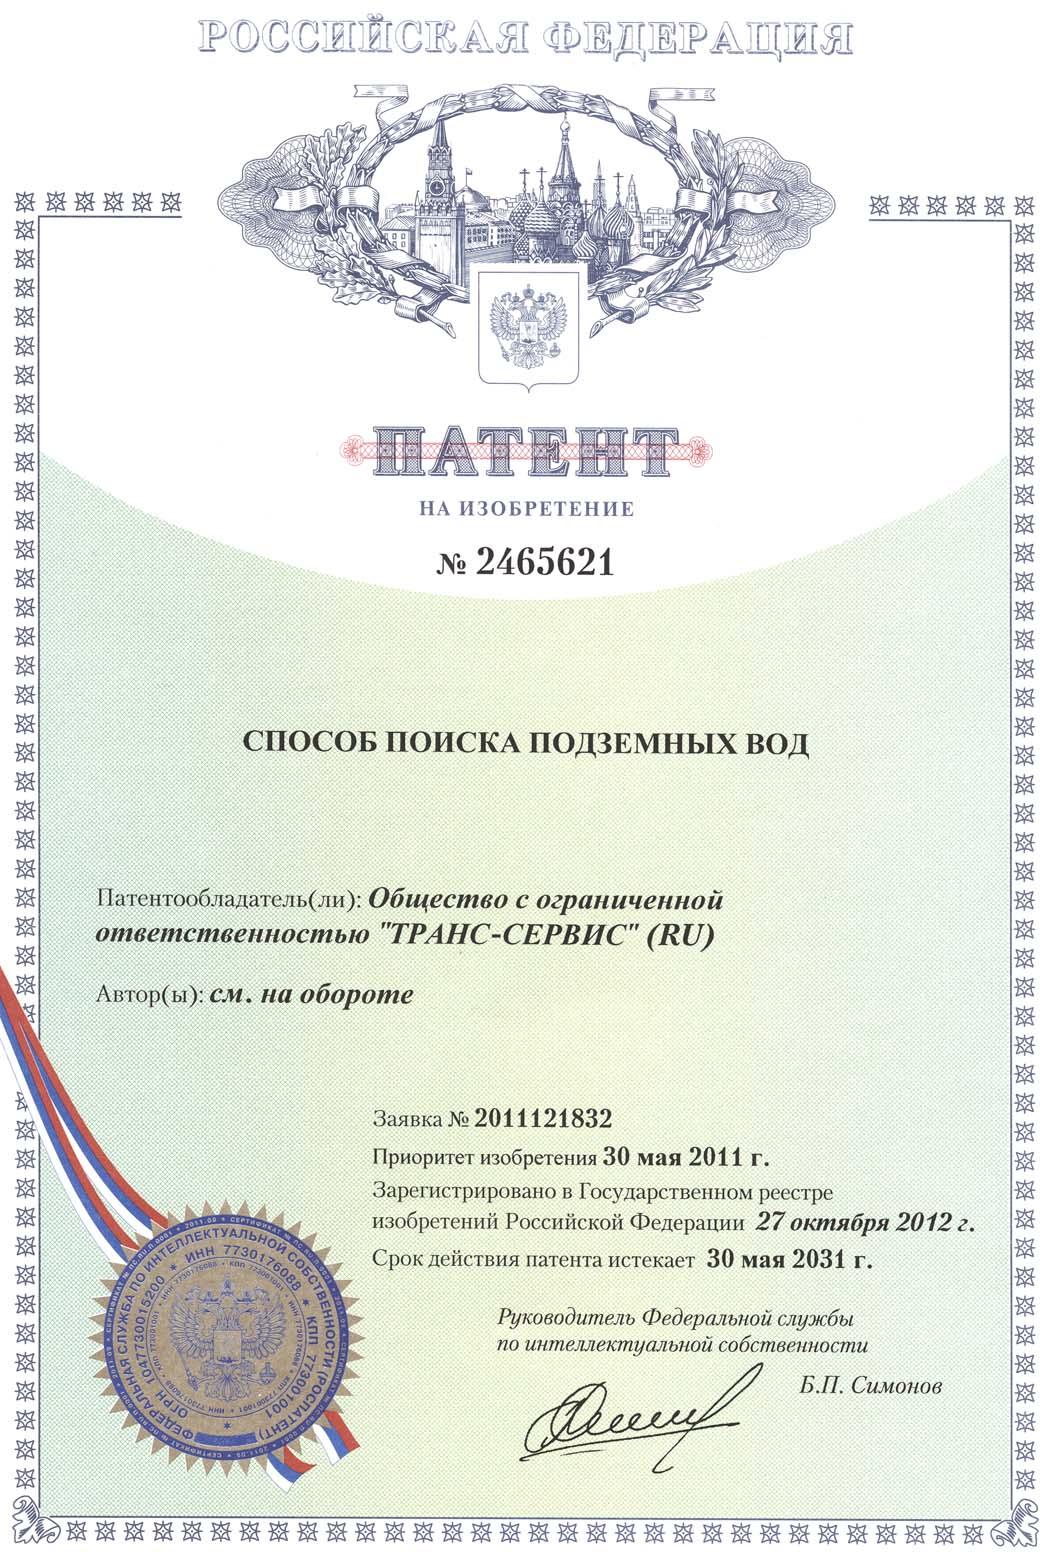 patent_2465621_sposob_poiska_podzemnyh_vod.jpg